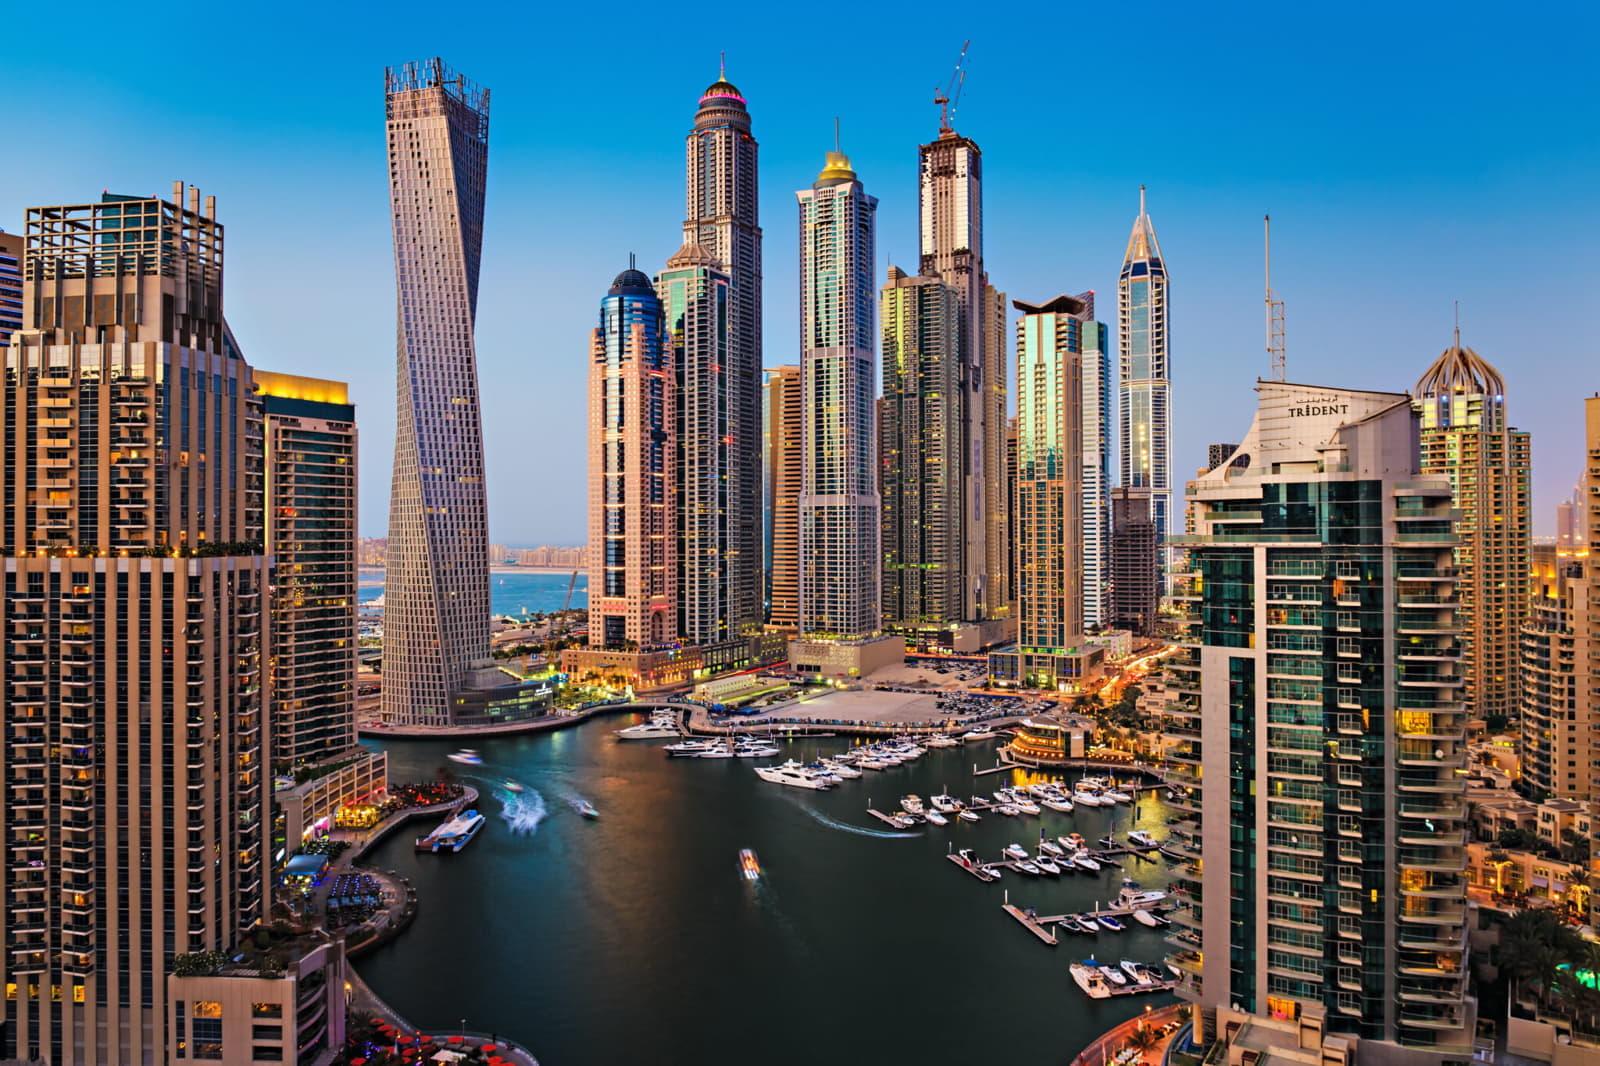 Ξενοδοχεία στο Ντουμπάι - που να μείνω